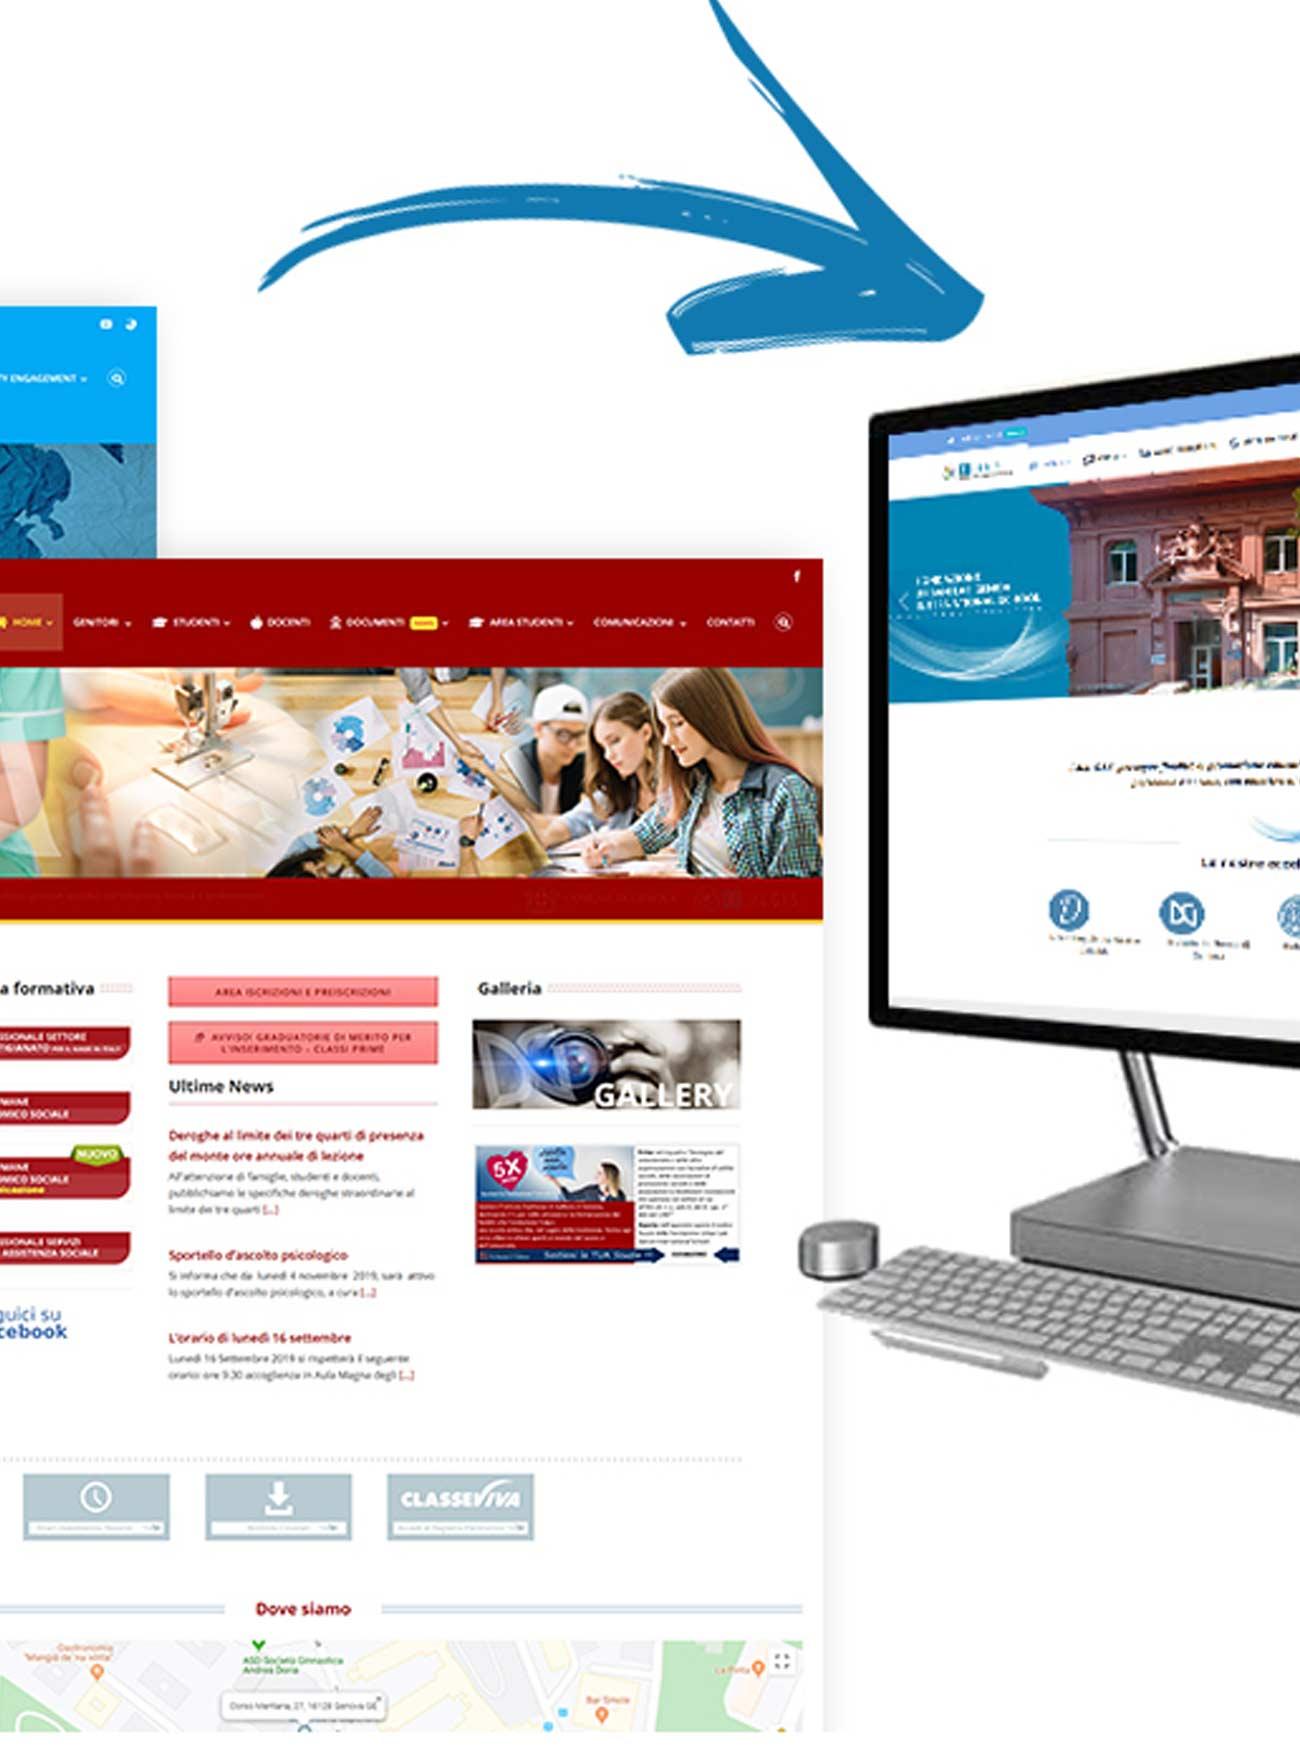 Fulgis-clienti-MeR-agenzia-comunicazione